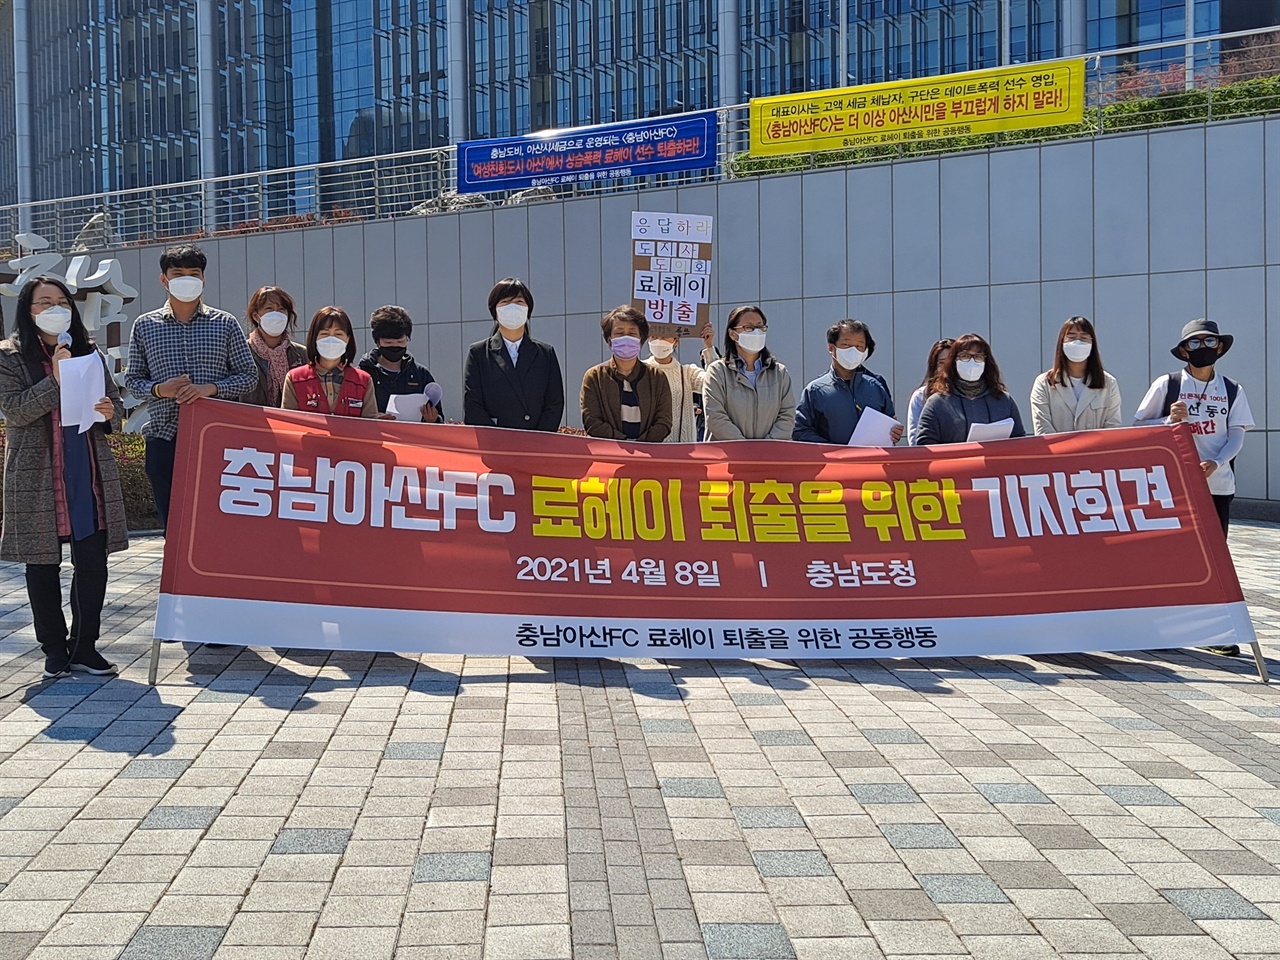 아산FC 료헤이 퇴출을 위한 공동행동(아래 공동행동)은 8일 충남도청 앞에서 기자회견.